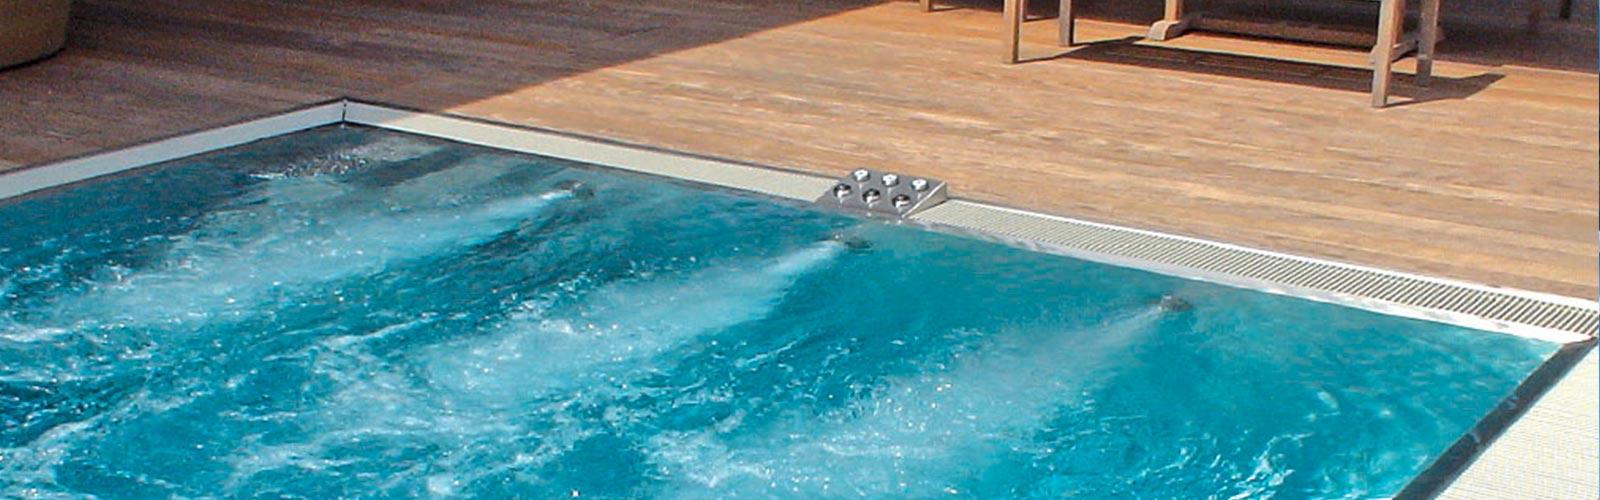 S&K GmbH Jacuzzi Whirlpool - Gegenstromanlage im Betrieb